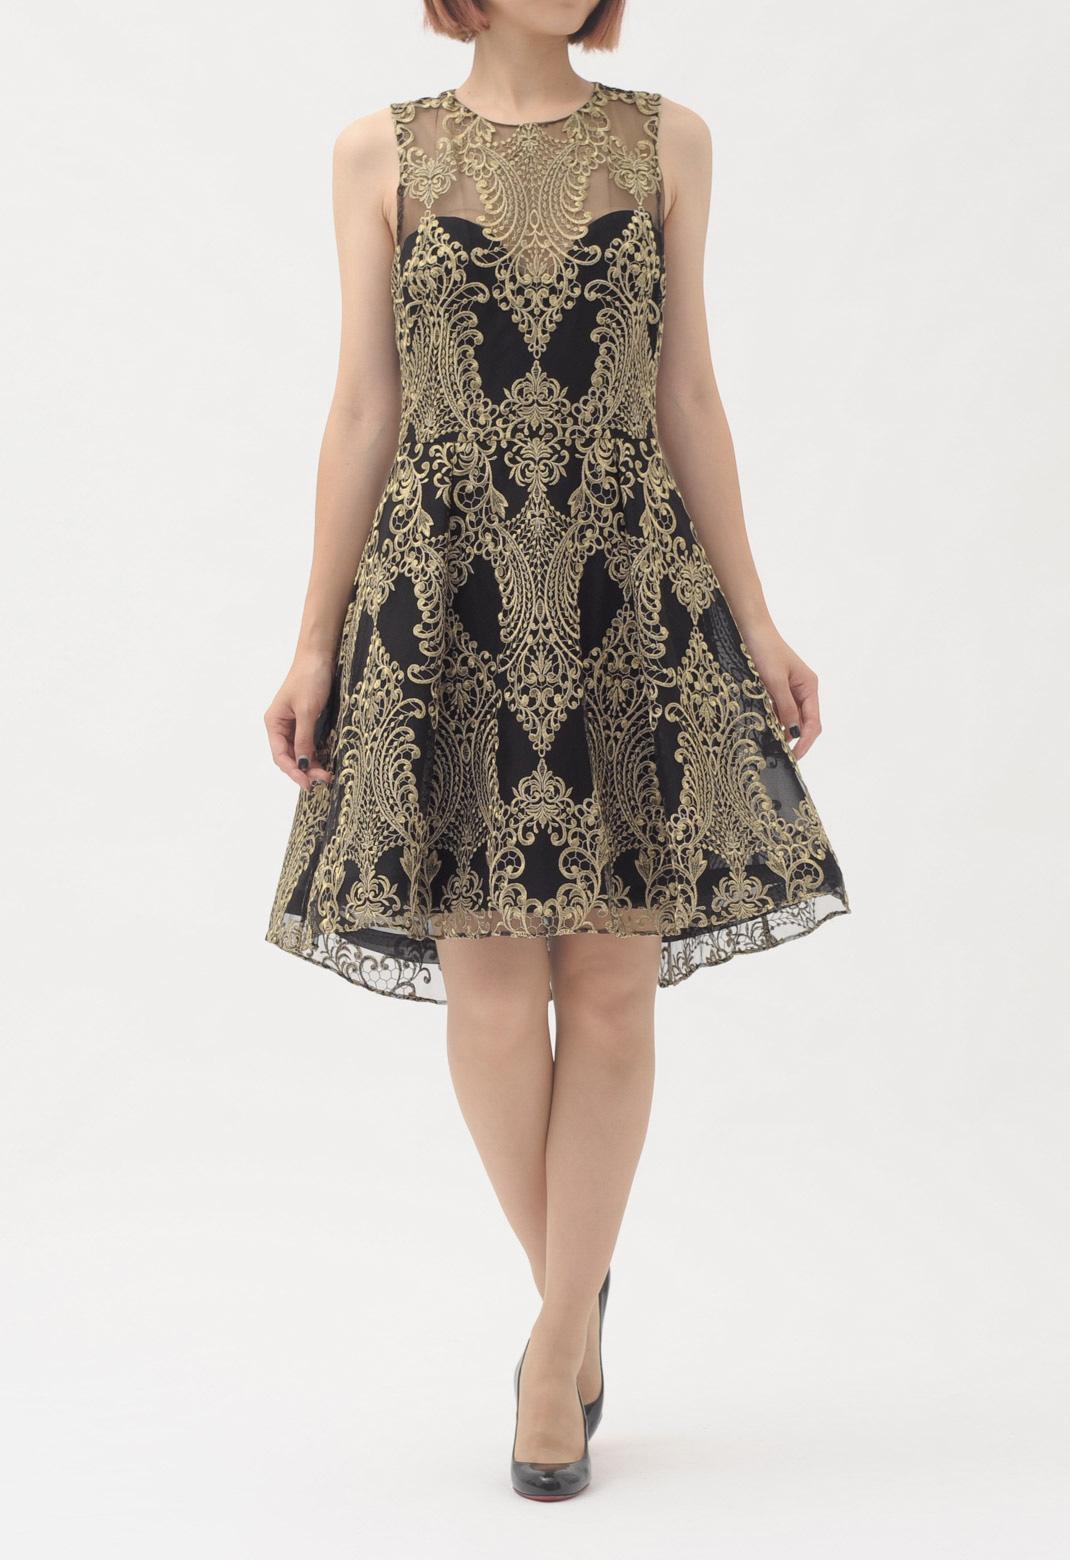 ゴールド刺繍 ノースリーブ ドレス